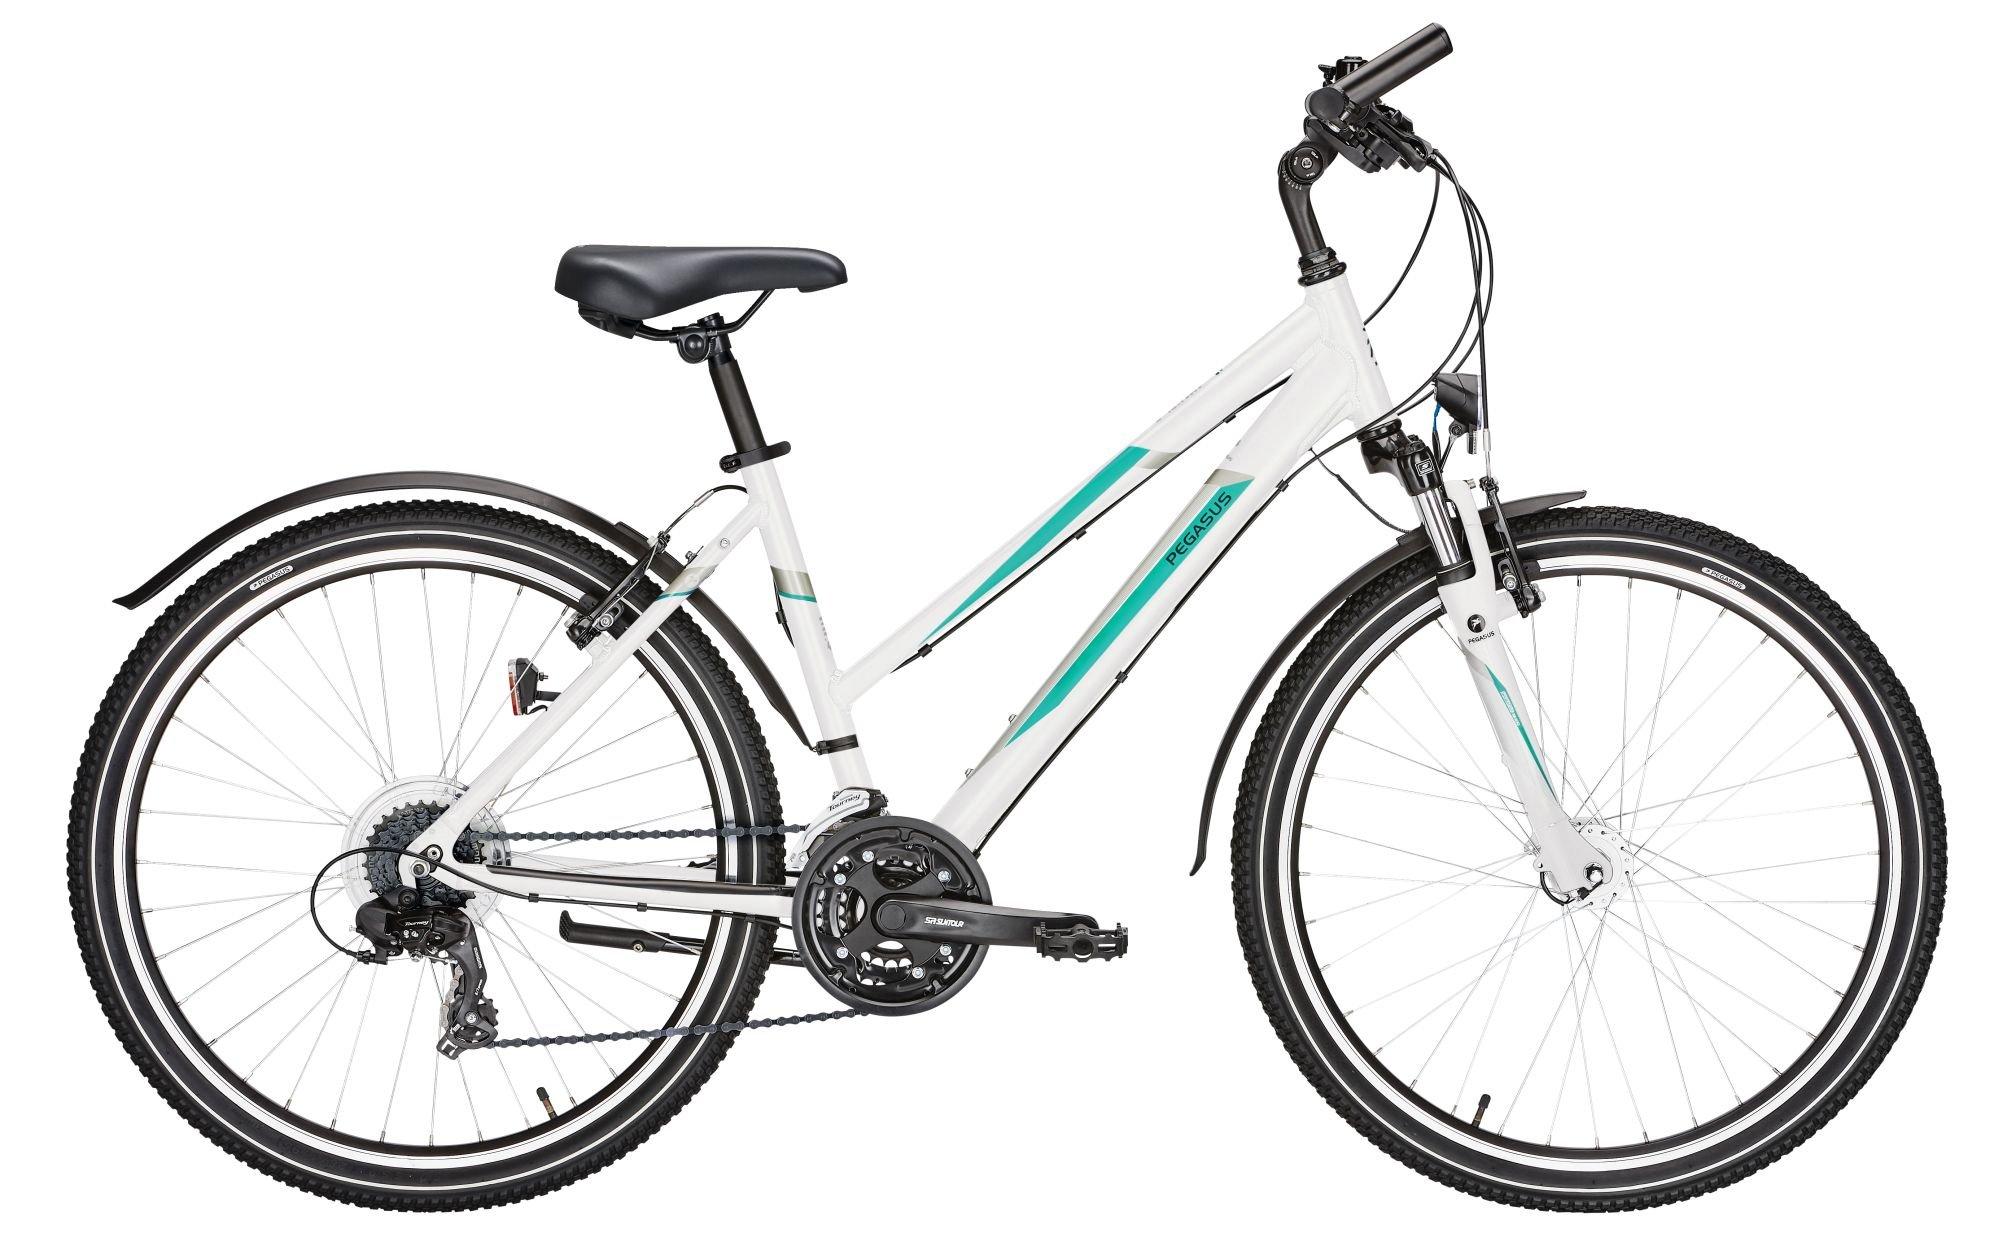 Fahrräder/Trekkingräder: Pegasus  Avanti Sport 18  26 Zoll 18 Gang Kettenschaltung Mädchenfahrrad Trapez Modell 2021 26 Zoll 50 cm